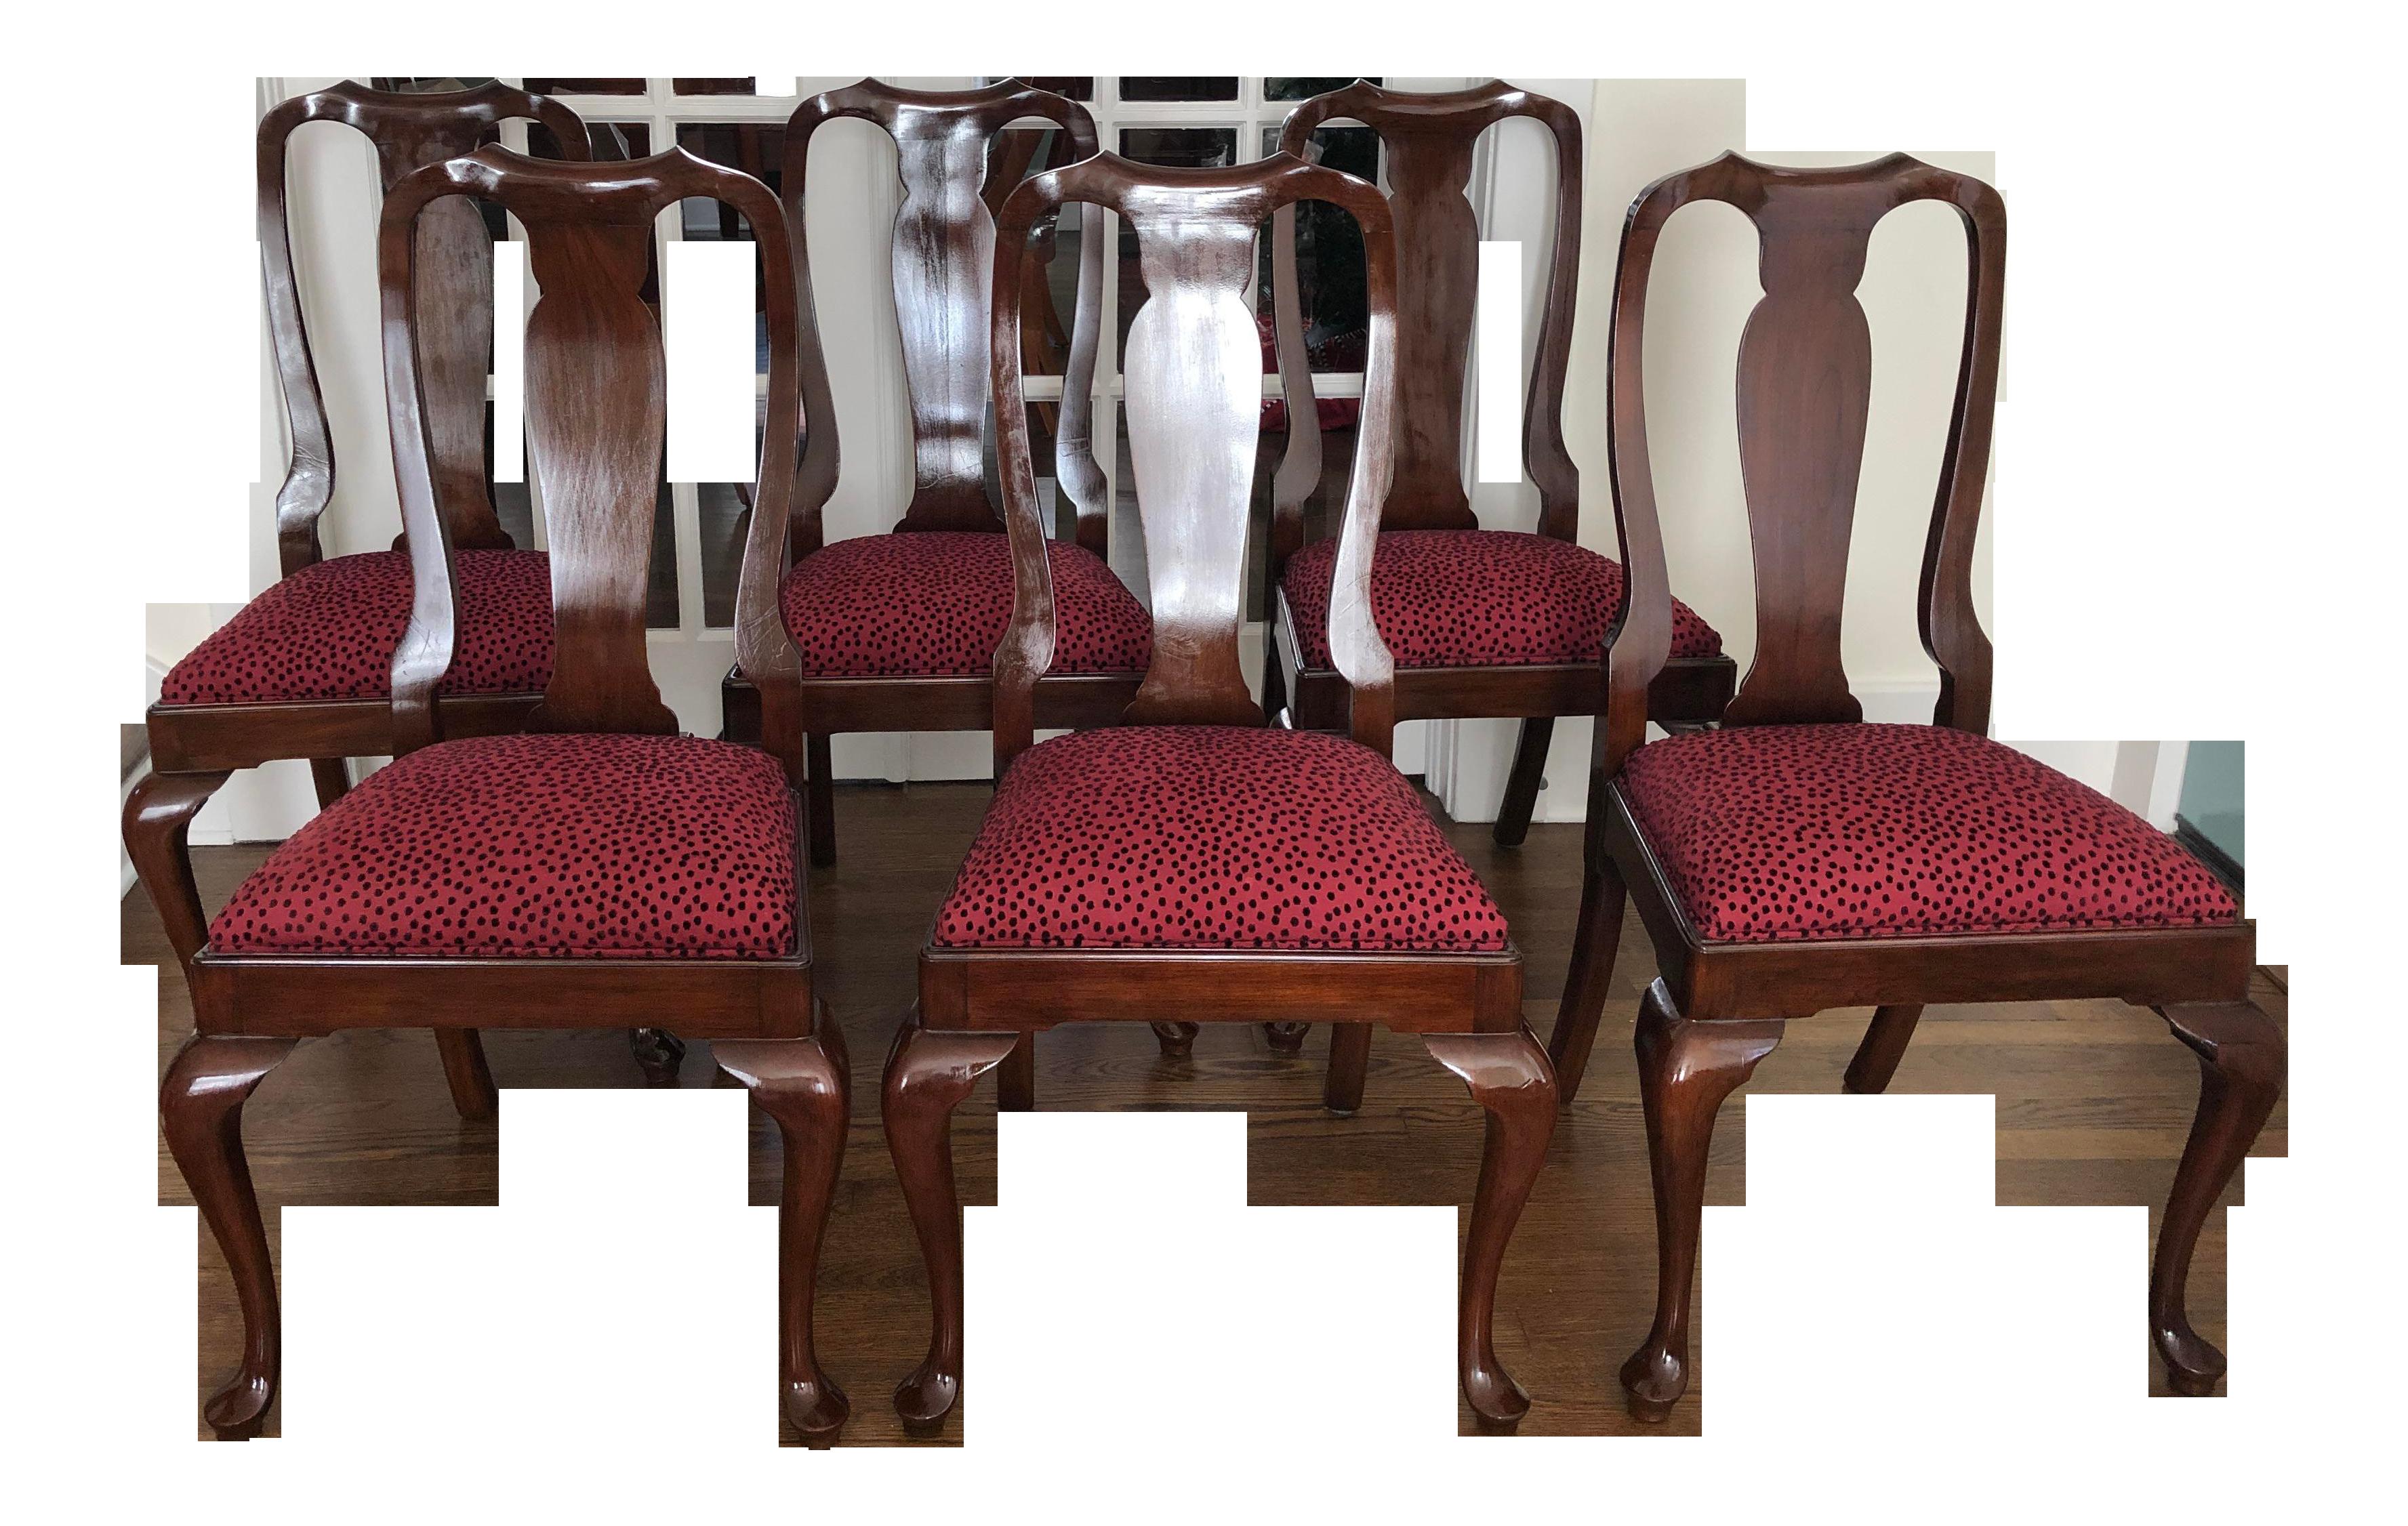 Admirable Henkel Harris Wild Black Cherry Dining Chairs Set Of 6 In Inzonedesignstudio Interior Chair Design Inzonedesignstudiocom